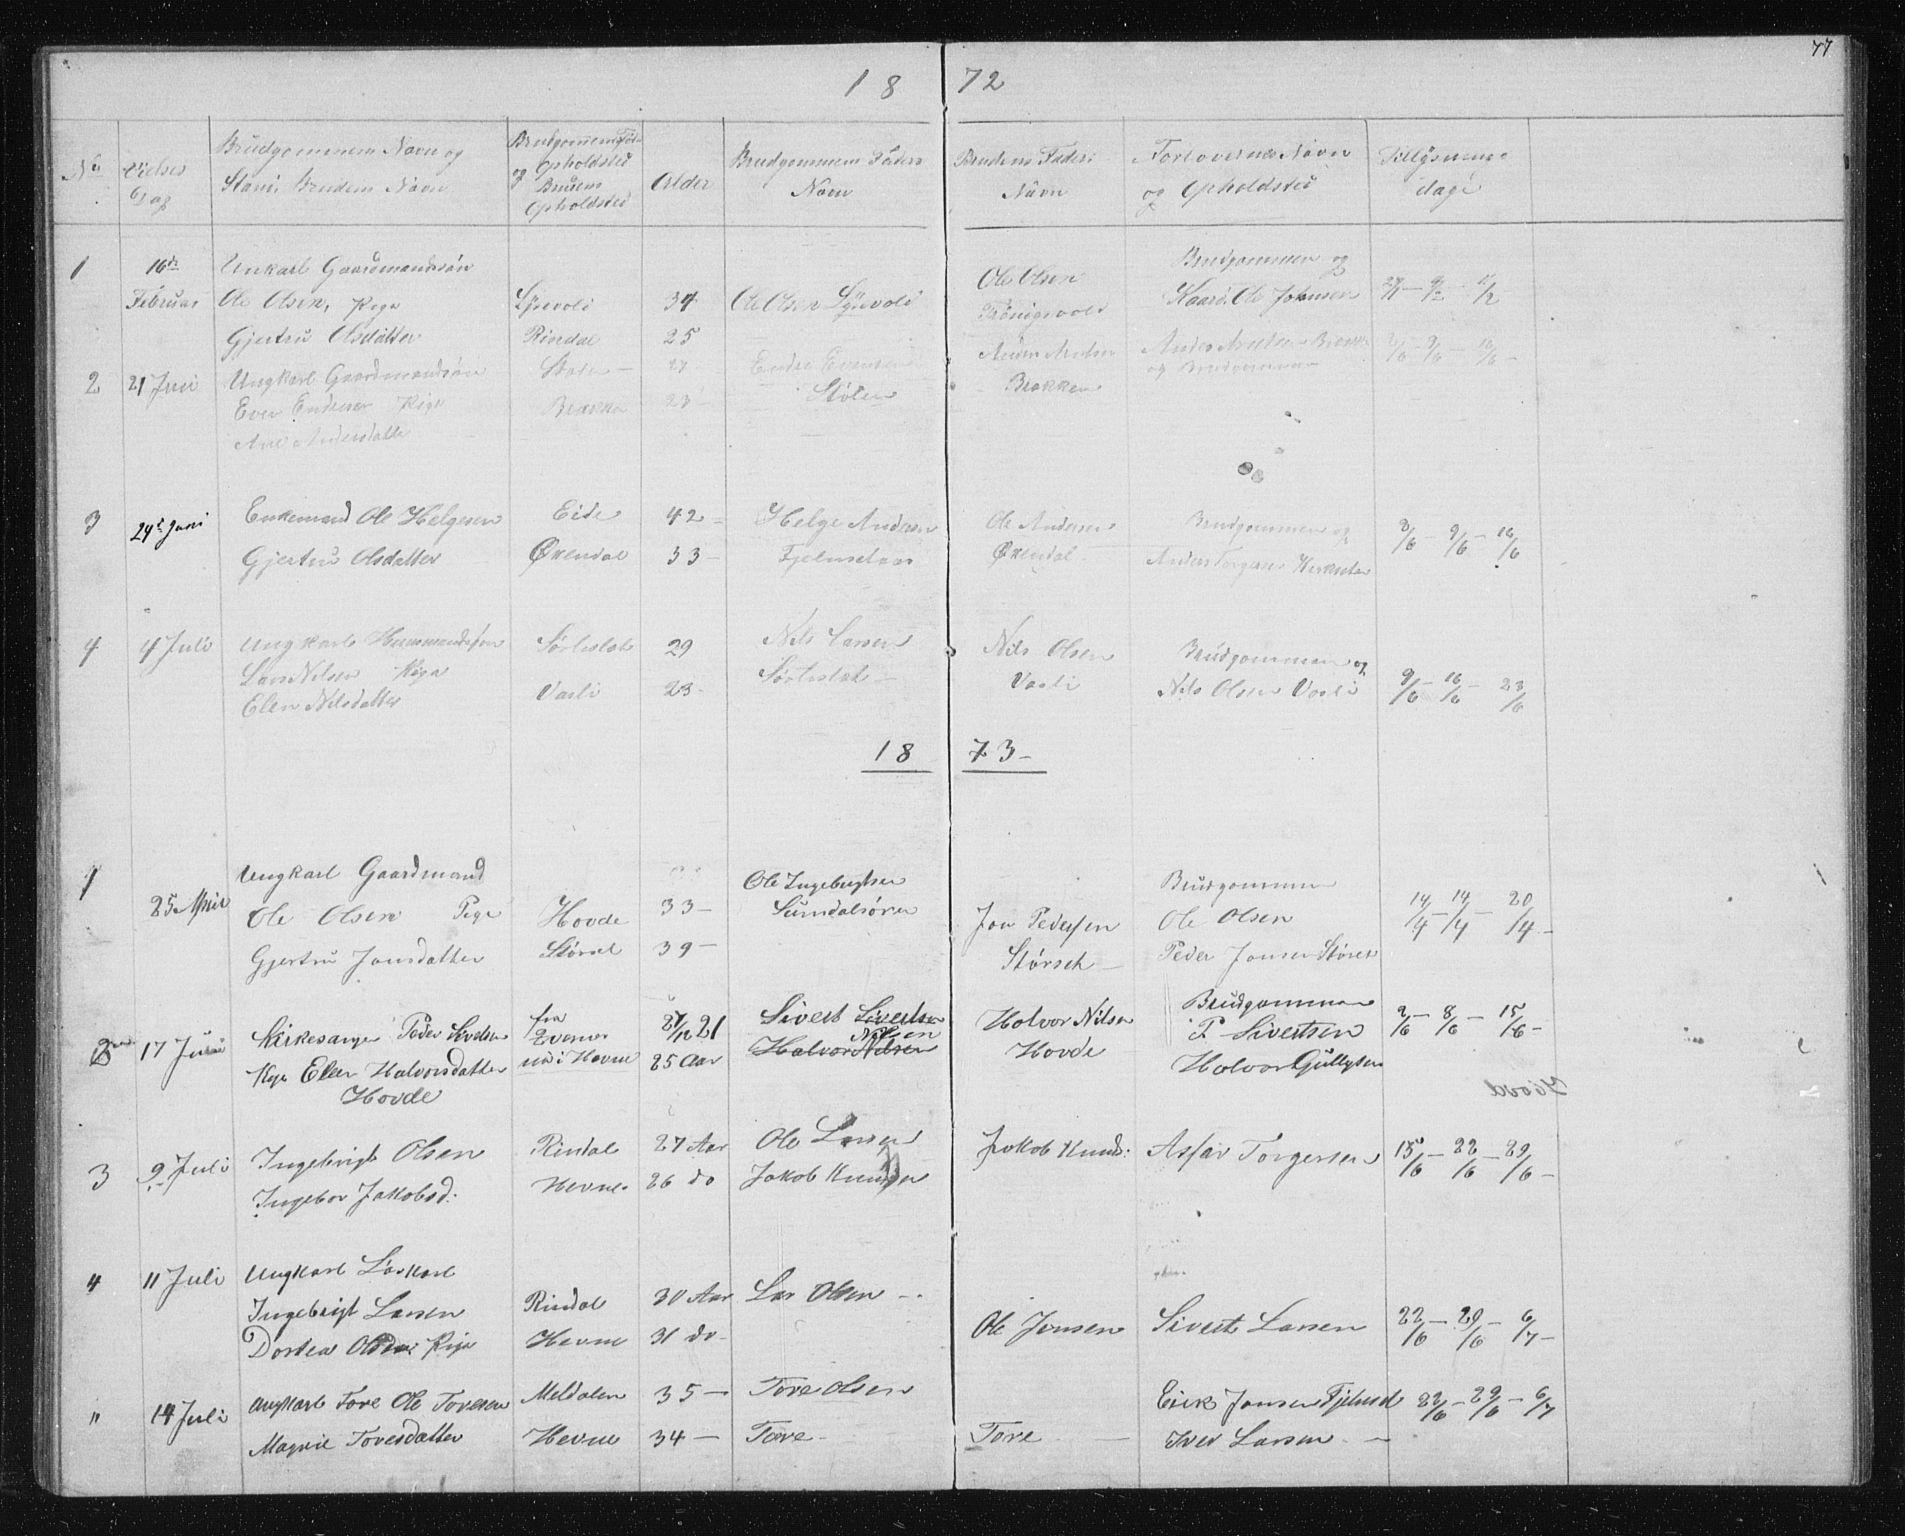 SAT, Ministerialprotokoller, klokkerbøker og fødselsregistre - Sør-Trøndelag, 631/L0513: Klokkerbok nr. 631C01, 1869-1879, s. 77